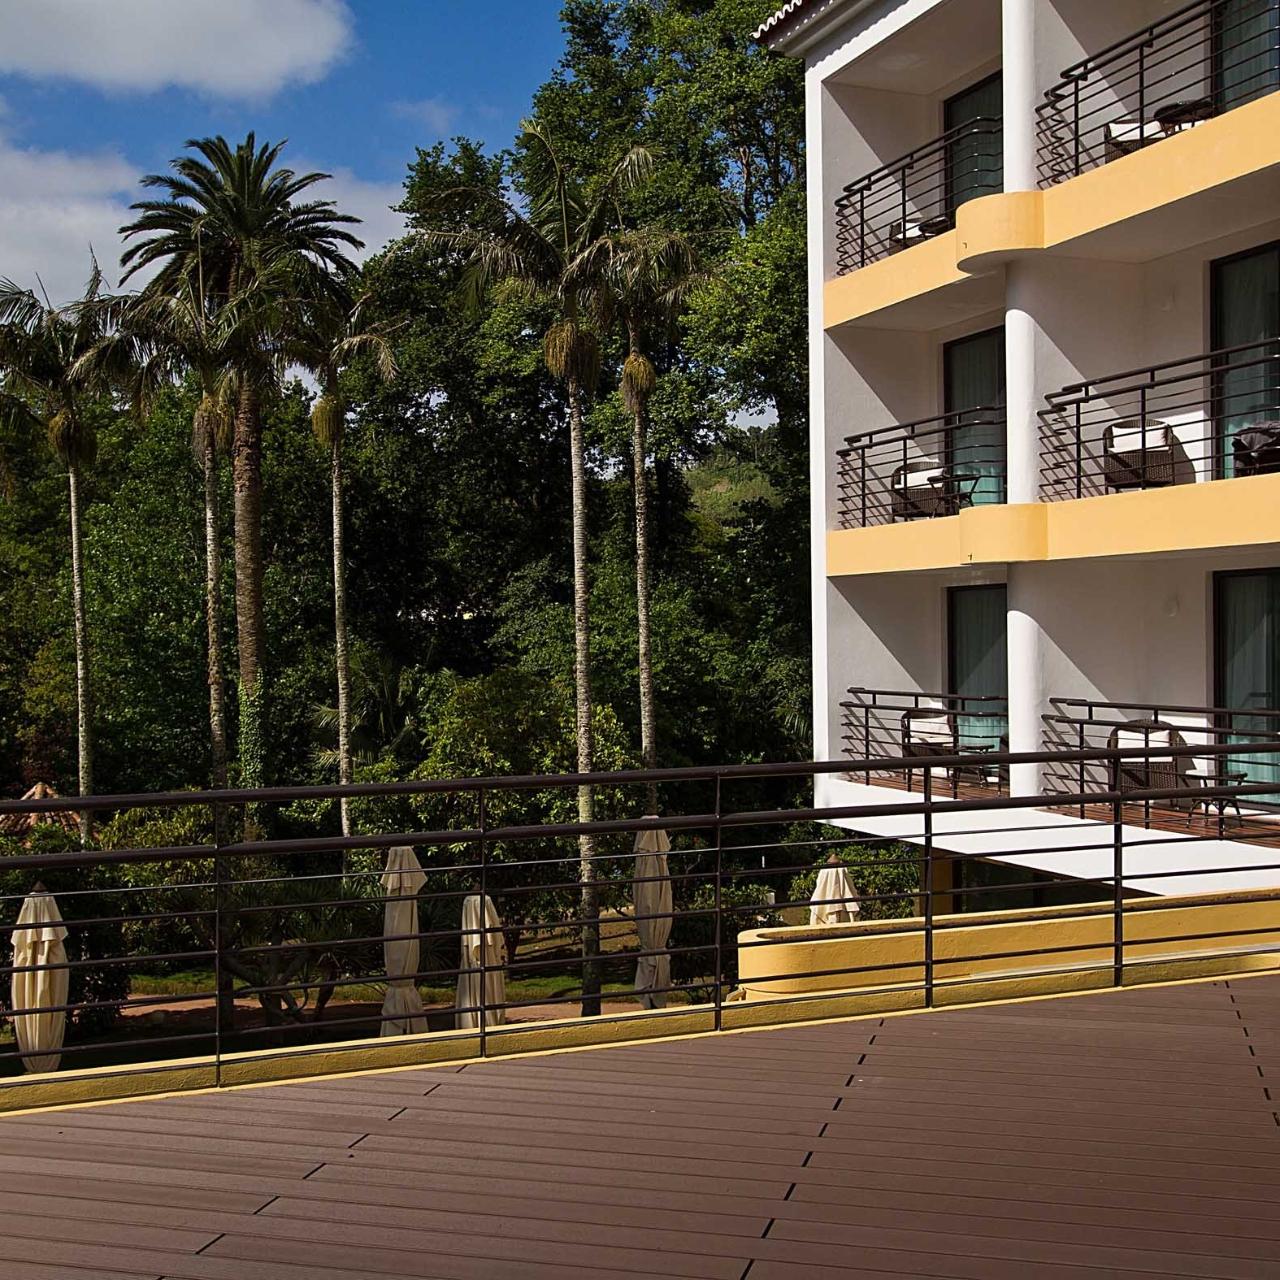 Hotel Terra Nostra Garden 4 Hrs Star Hotel In Furnas Povoacao